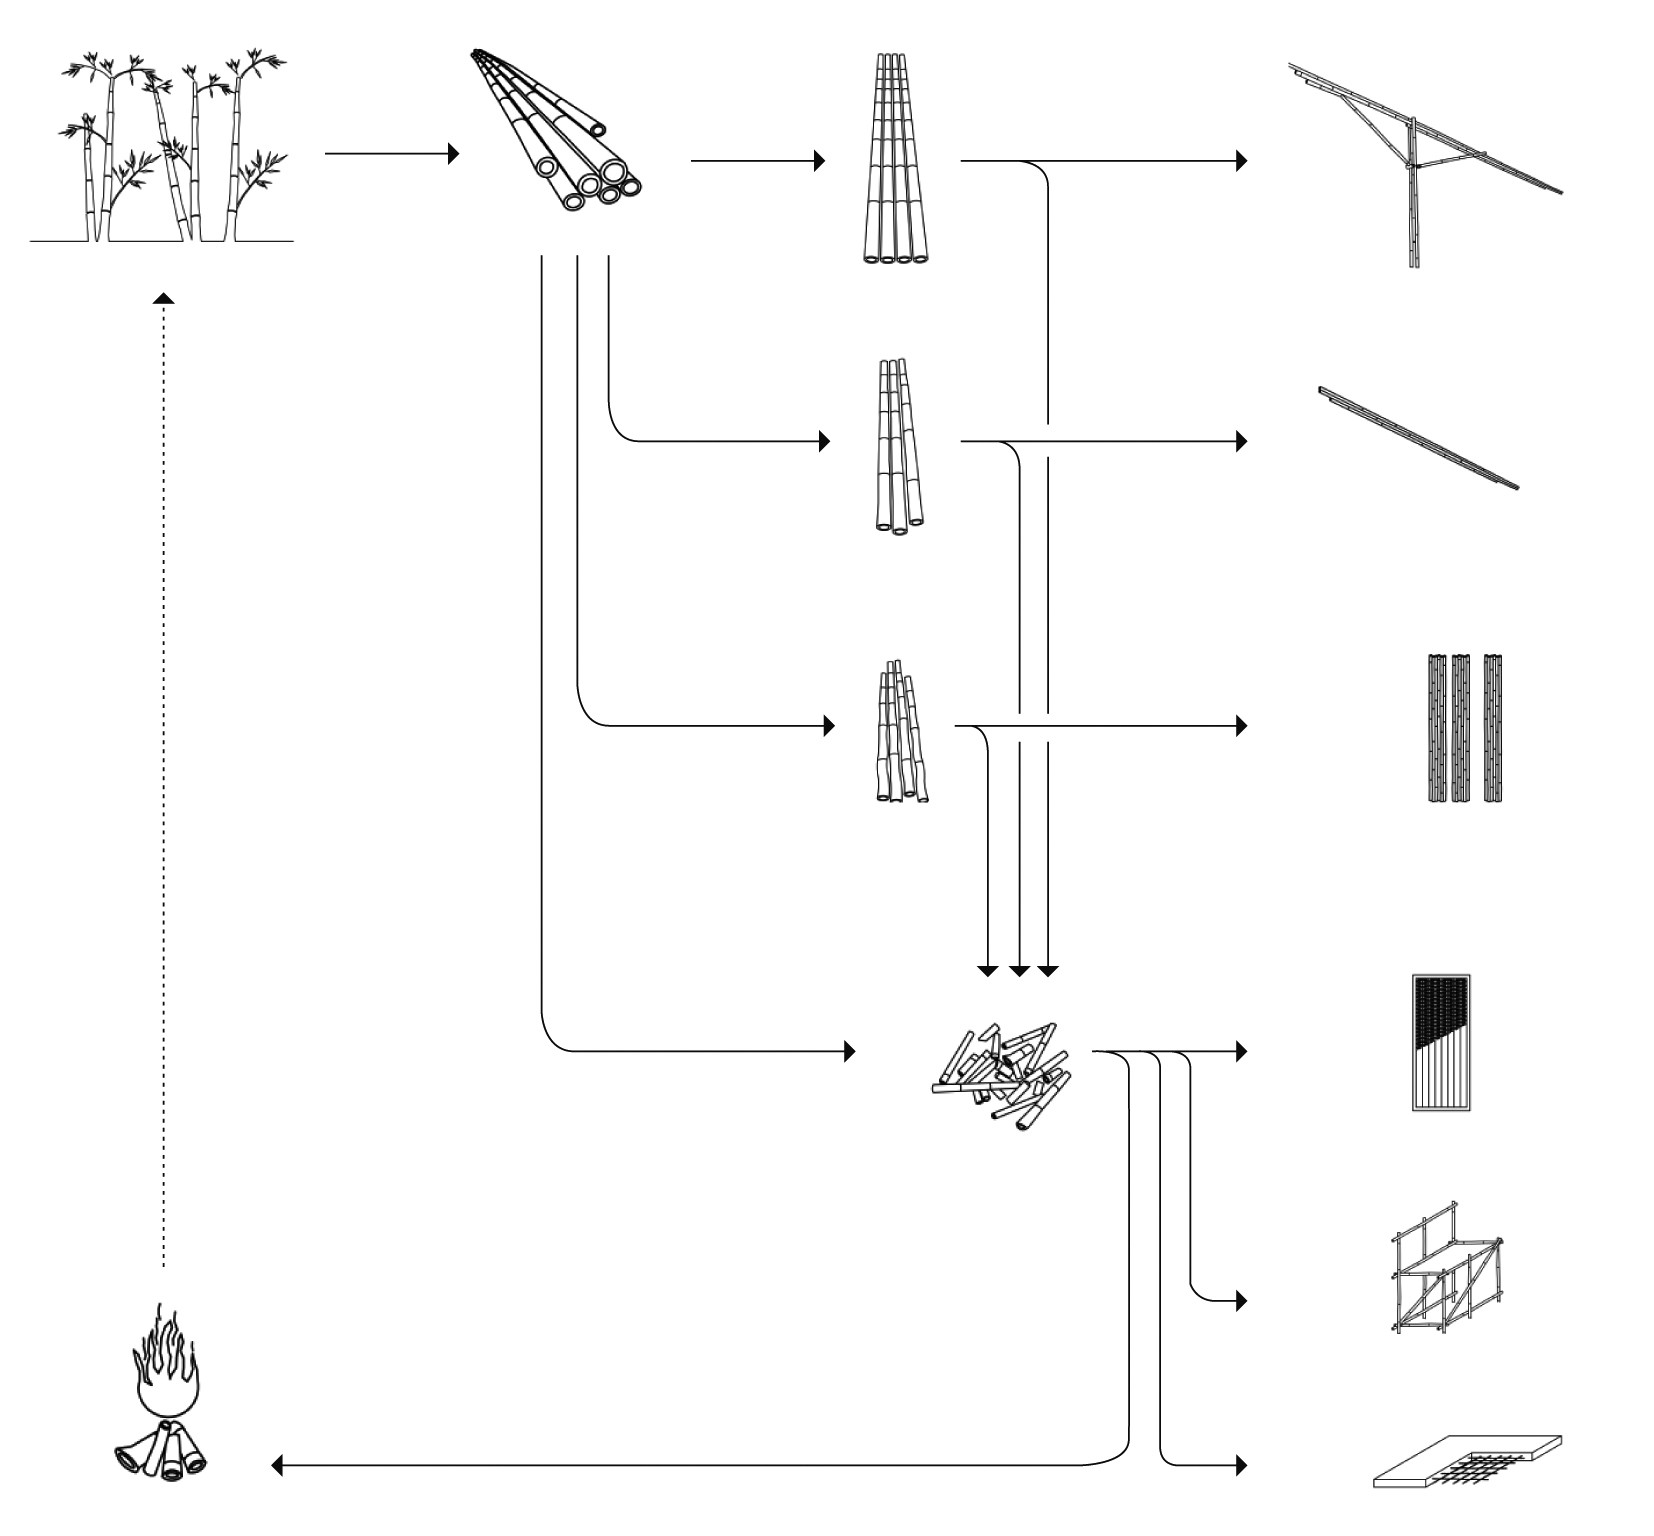 Diagrama de funciones